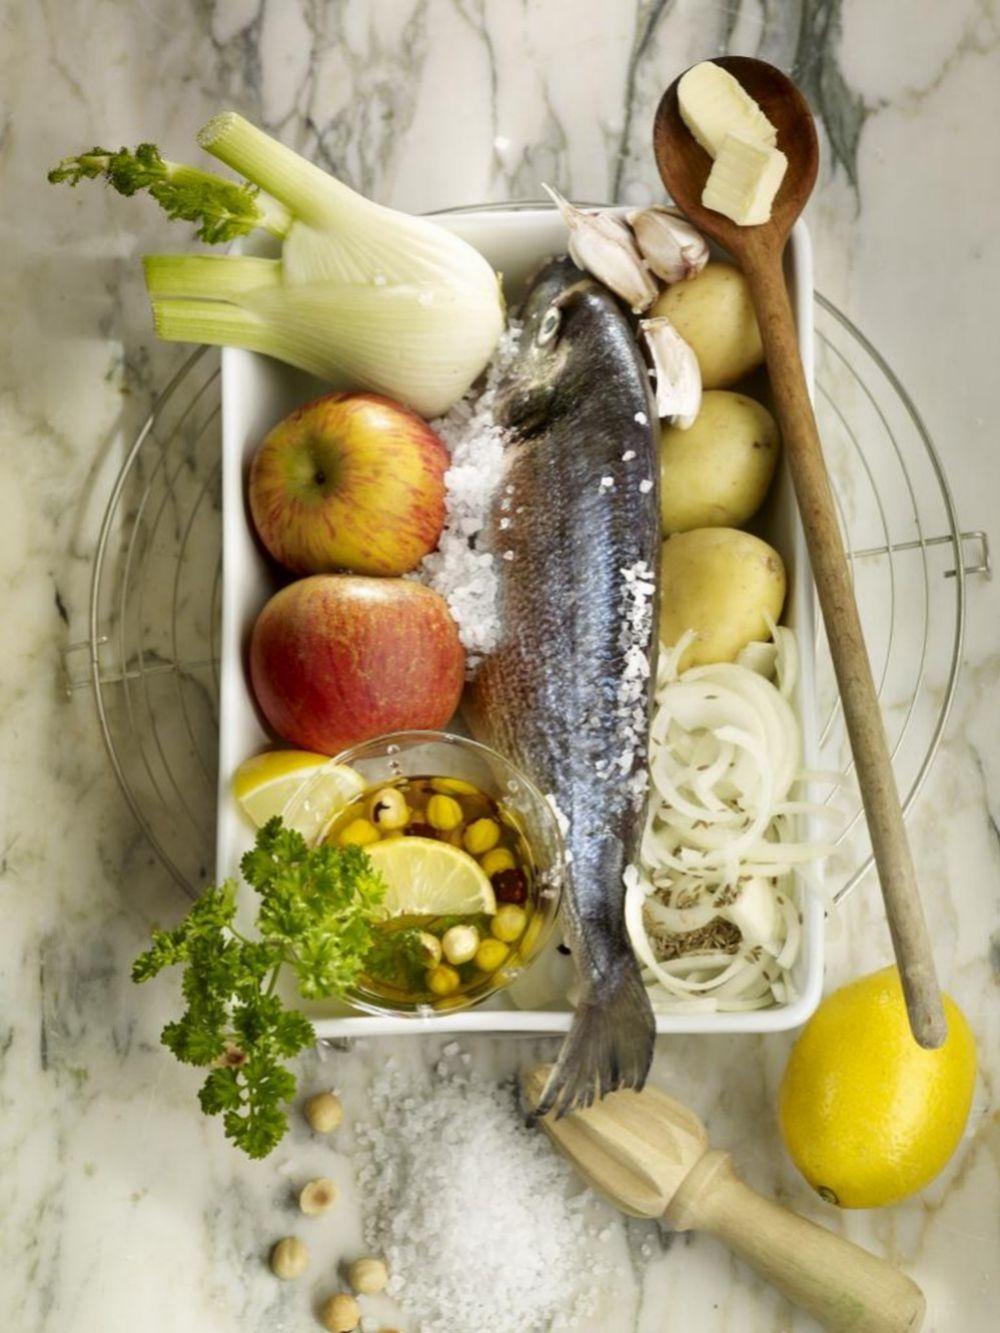 La dieta mediterránea es beneficiosa, no permitamos que pierda su protagonismo.